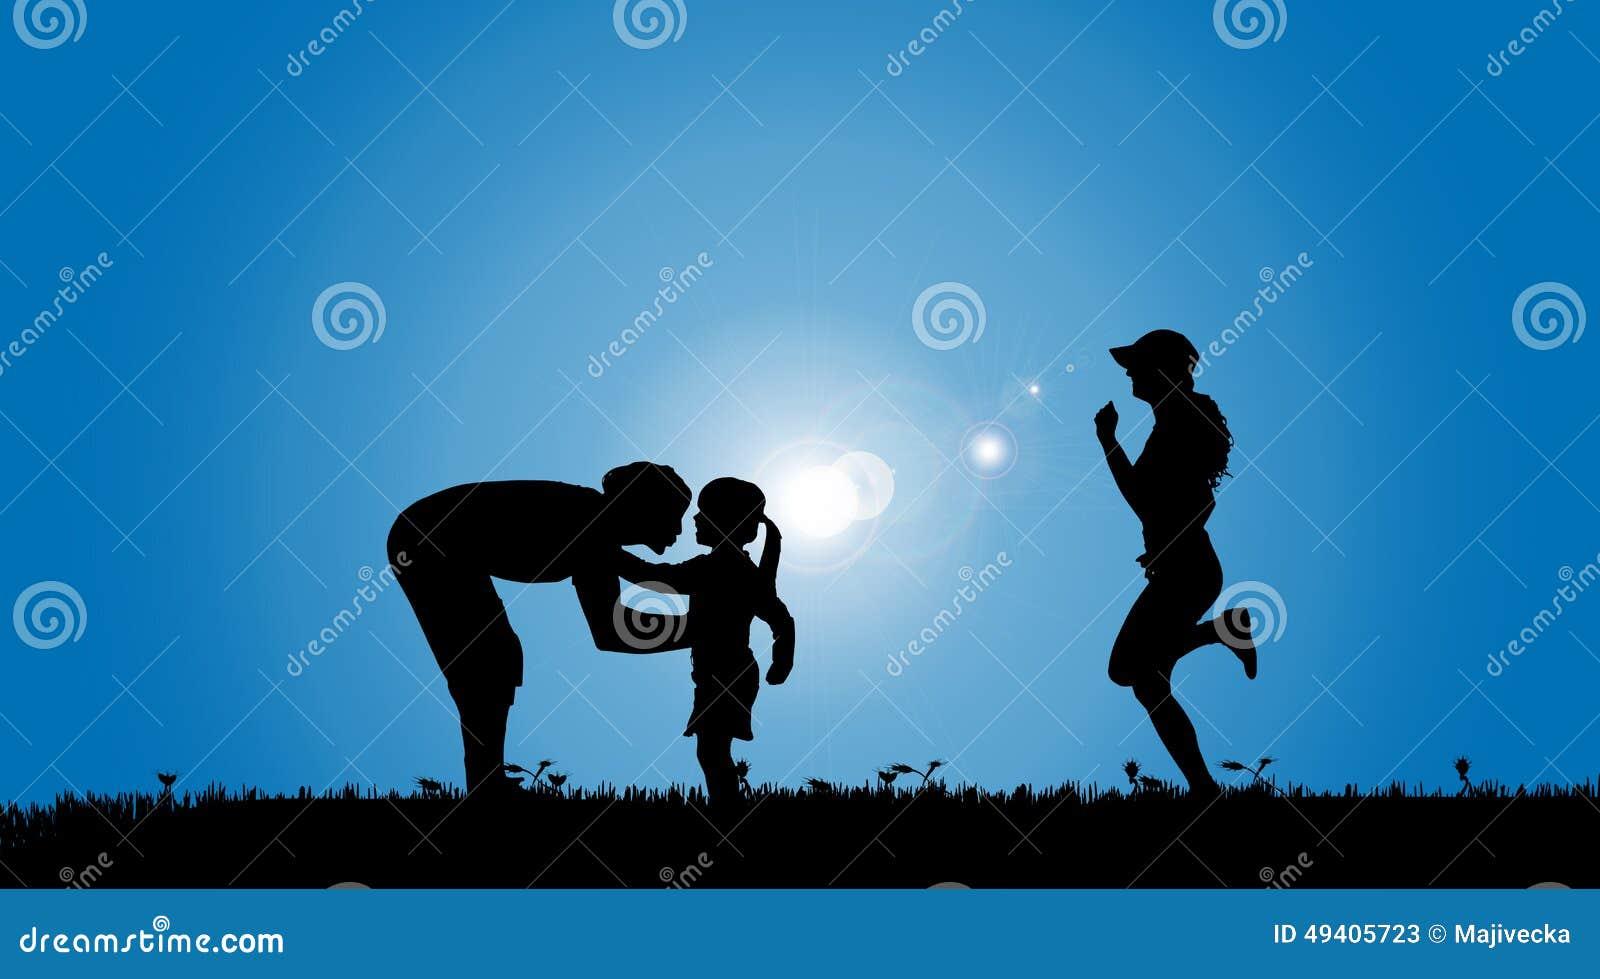 Download Vektorschattenbild Einer Familie Vektor Abbildung - Illustration von outdoor, glücklich: 49405723